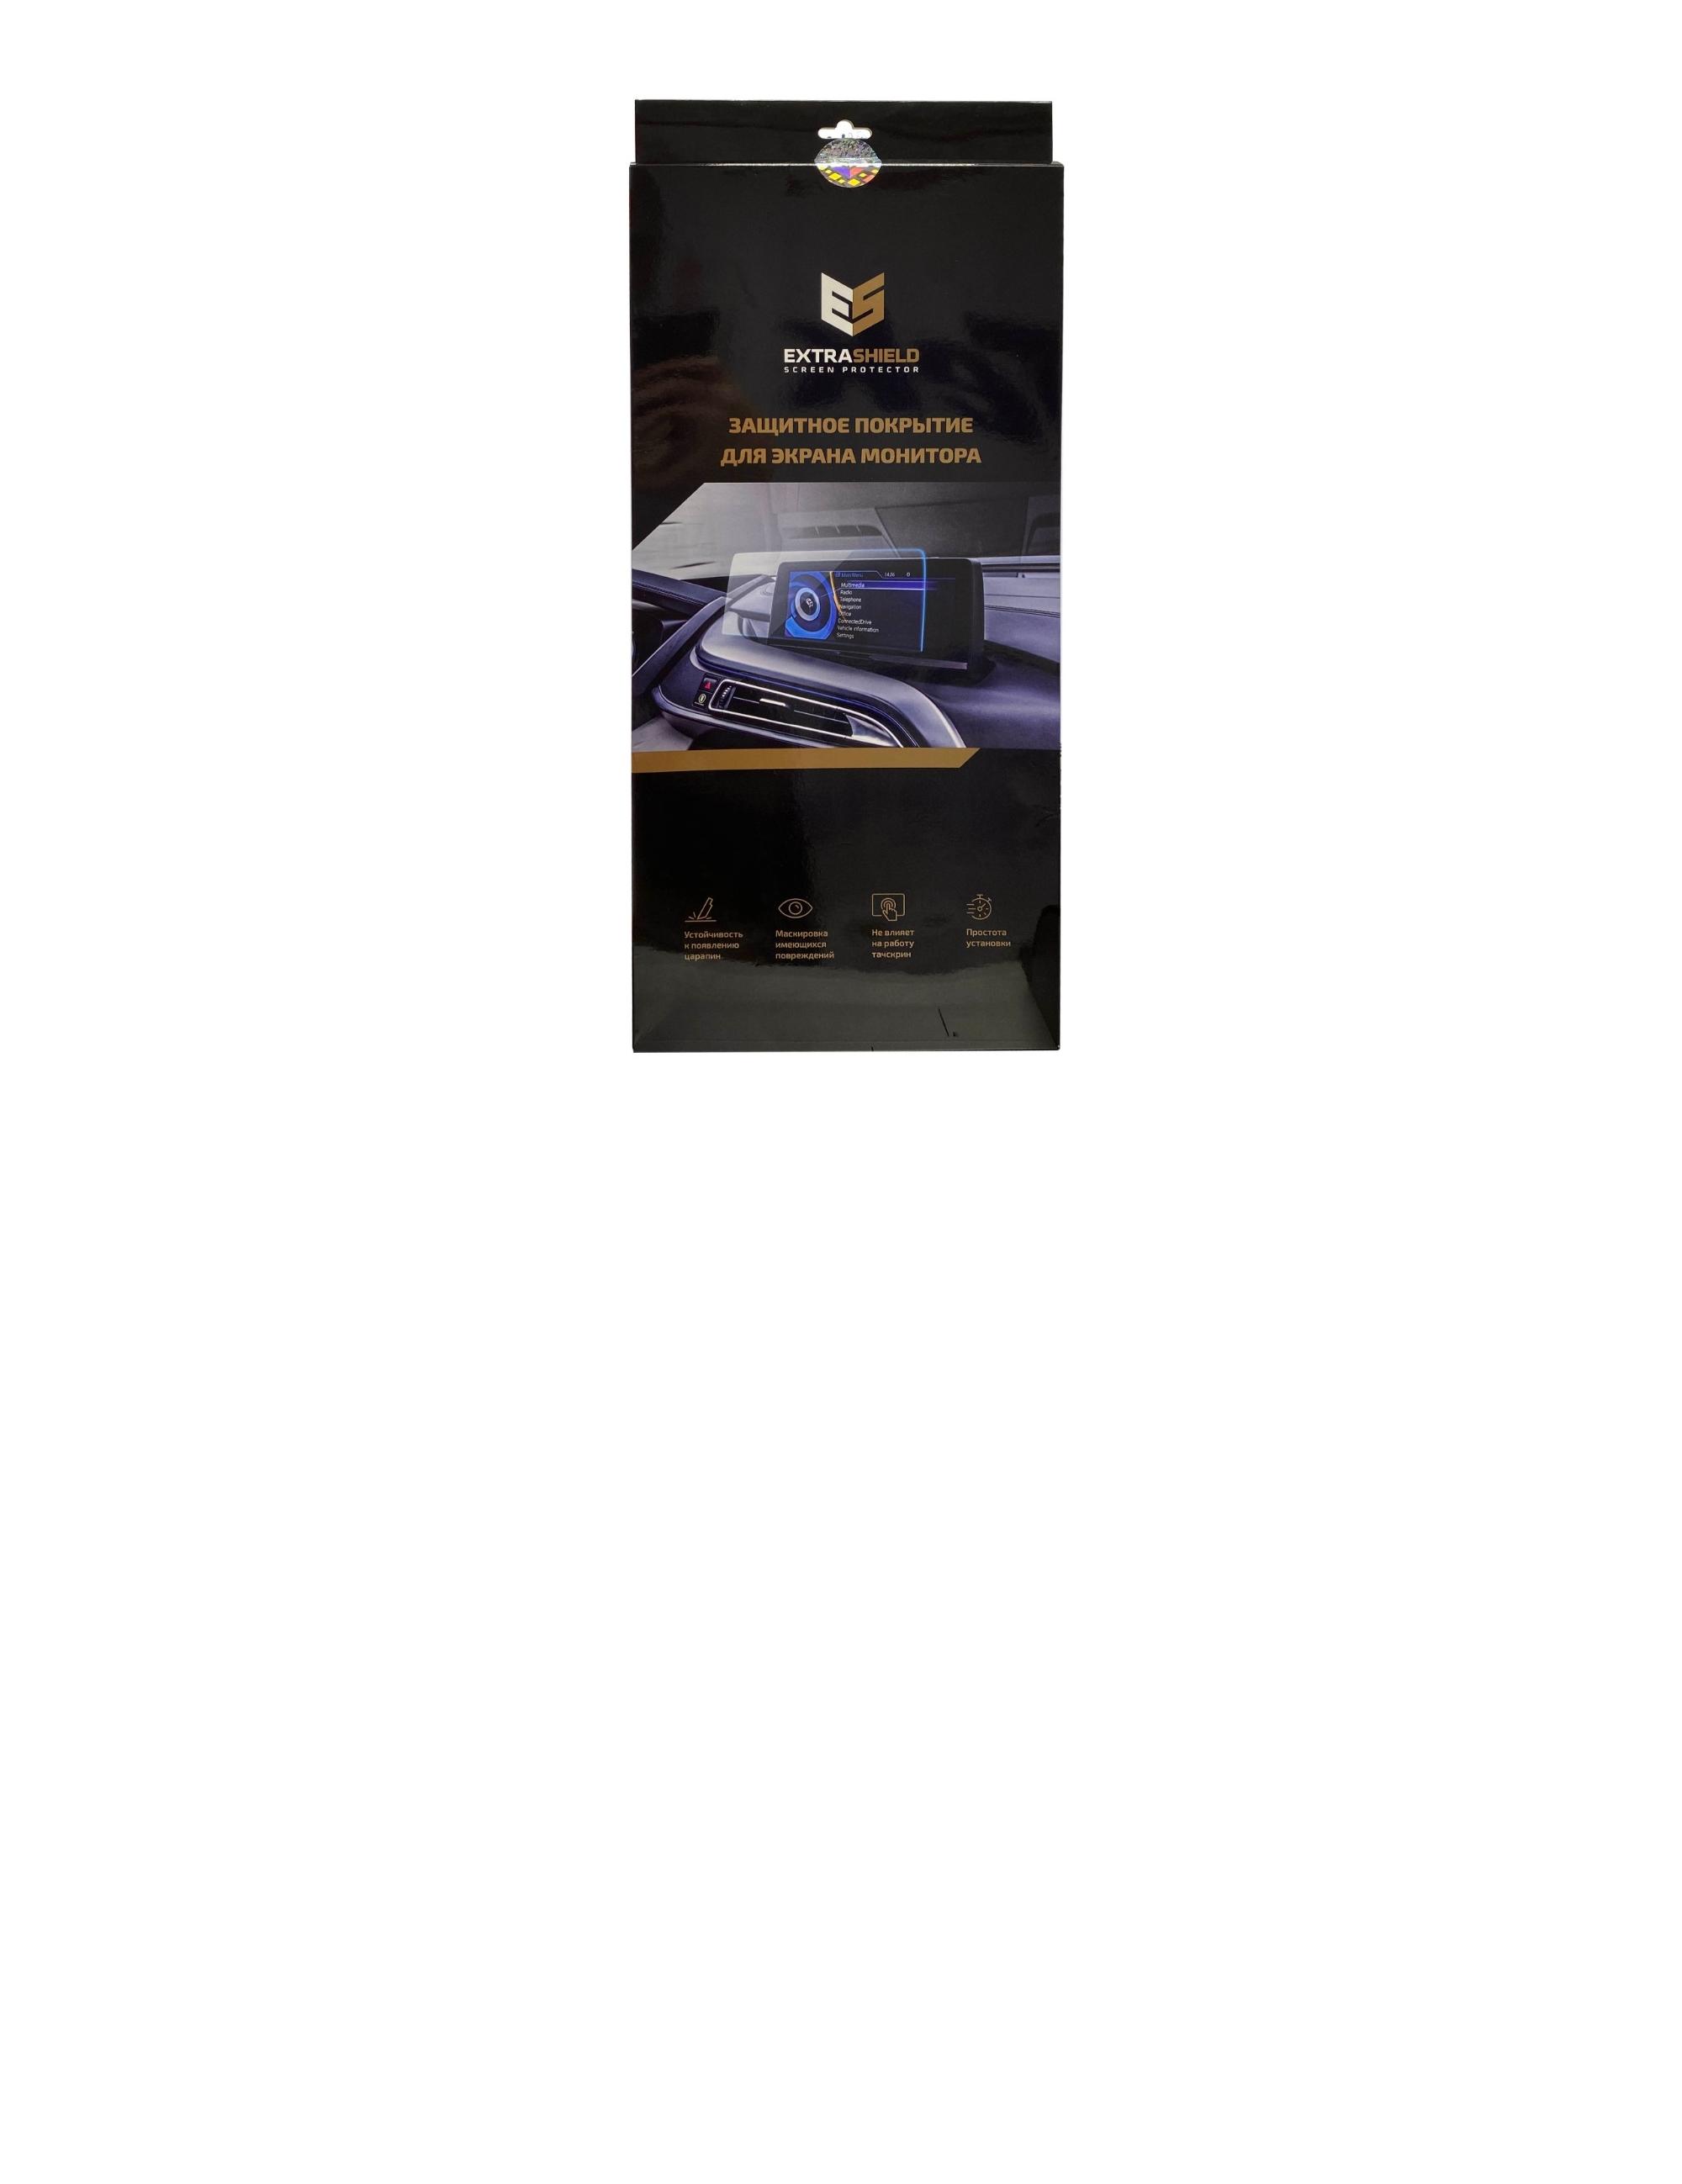 BMW X5 (G05) 2018 - н.в. мультимедиа 12.3 Защитное стекло Матовая